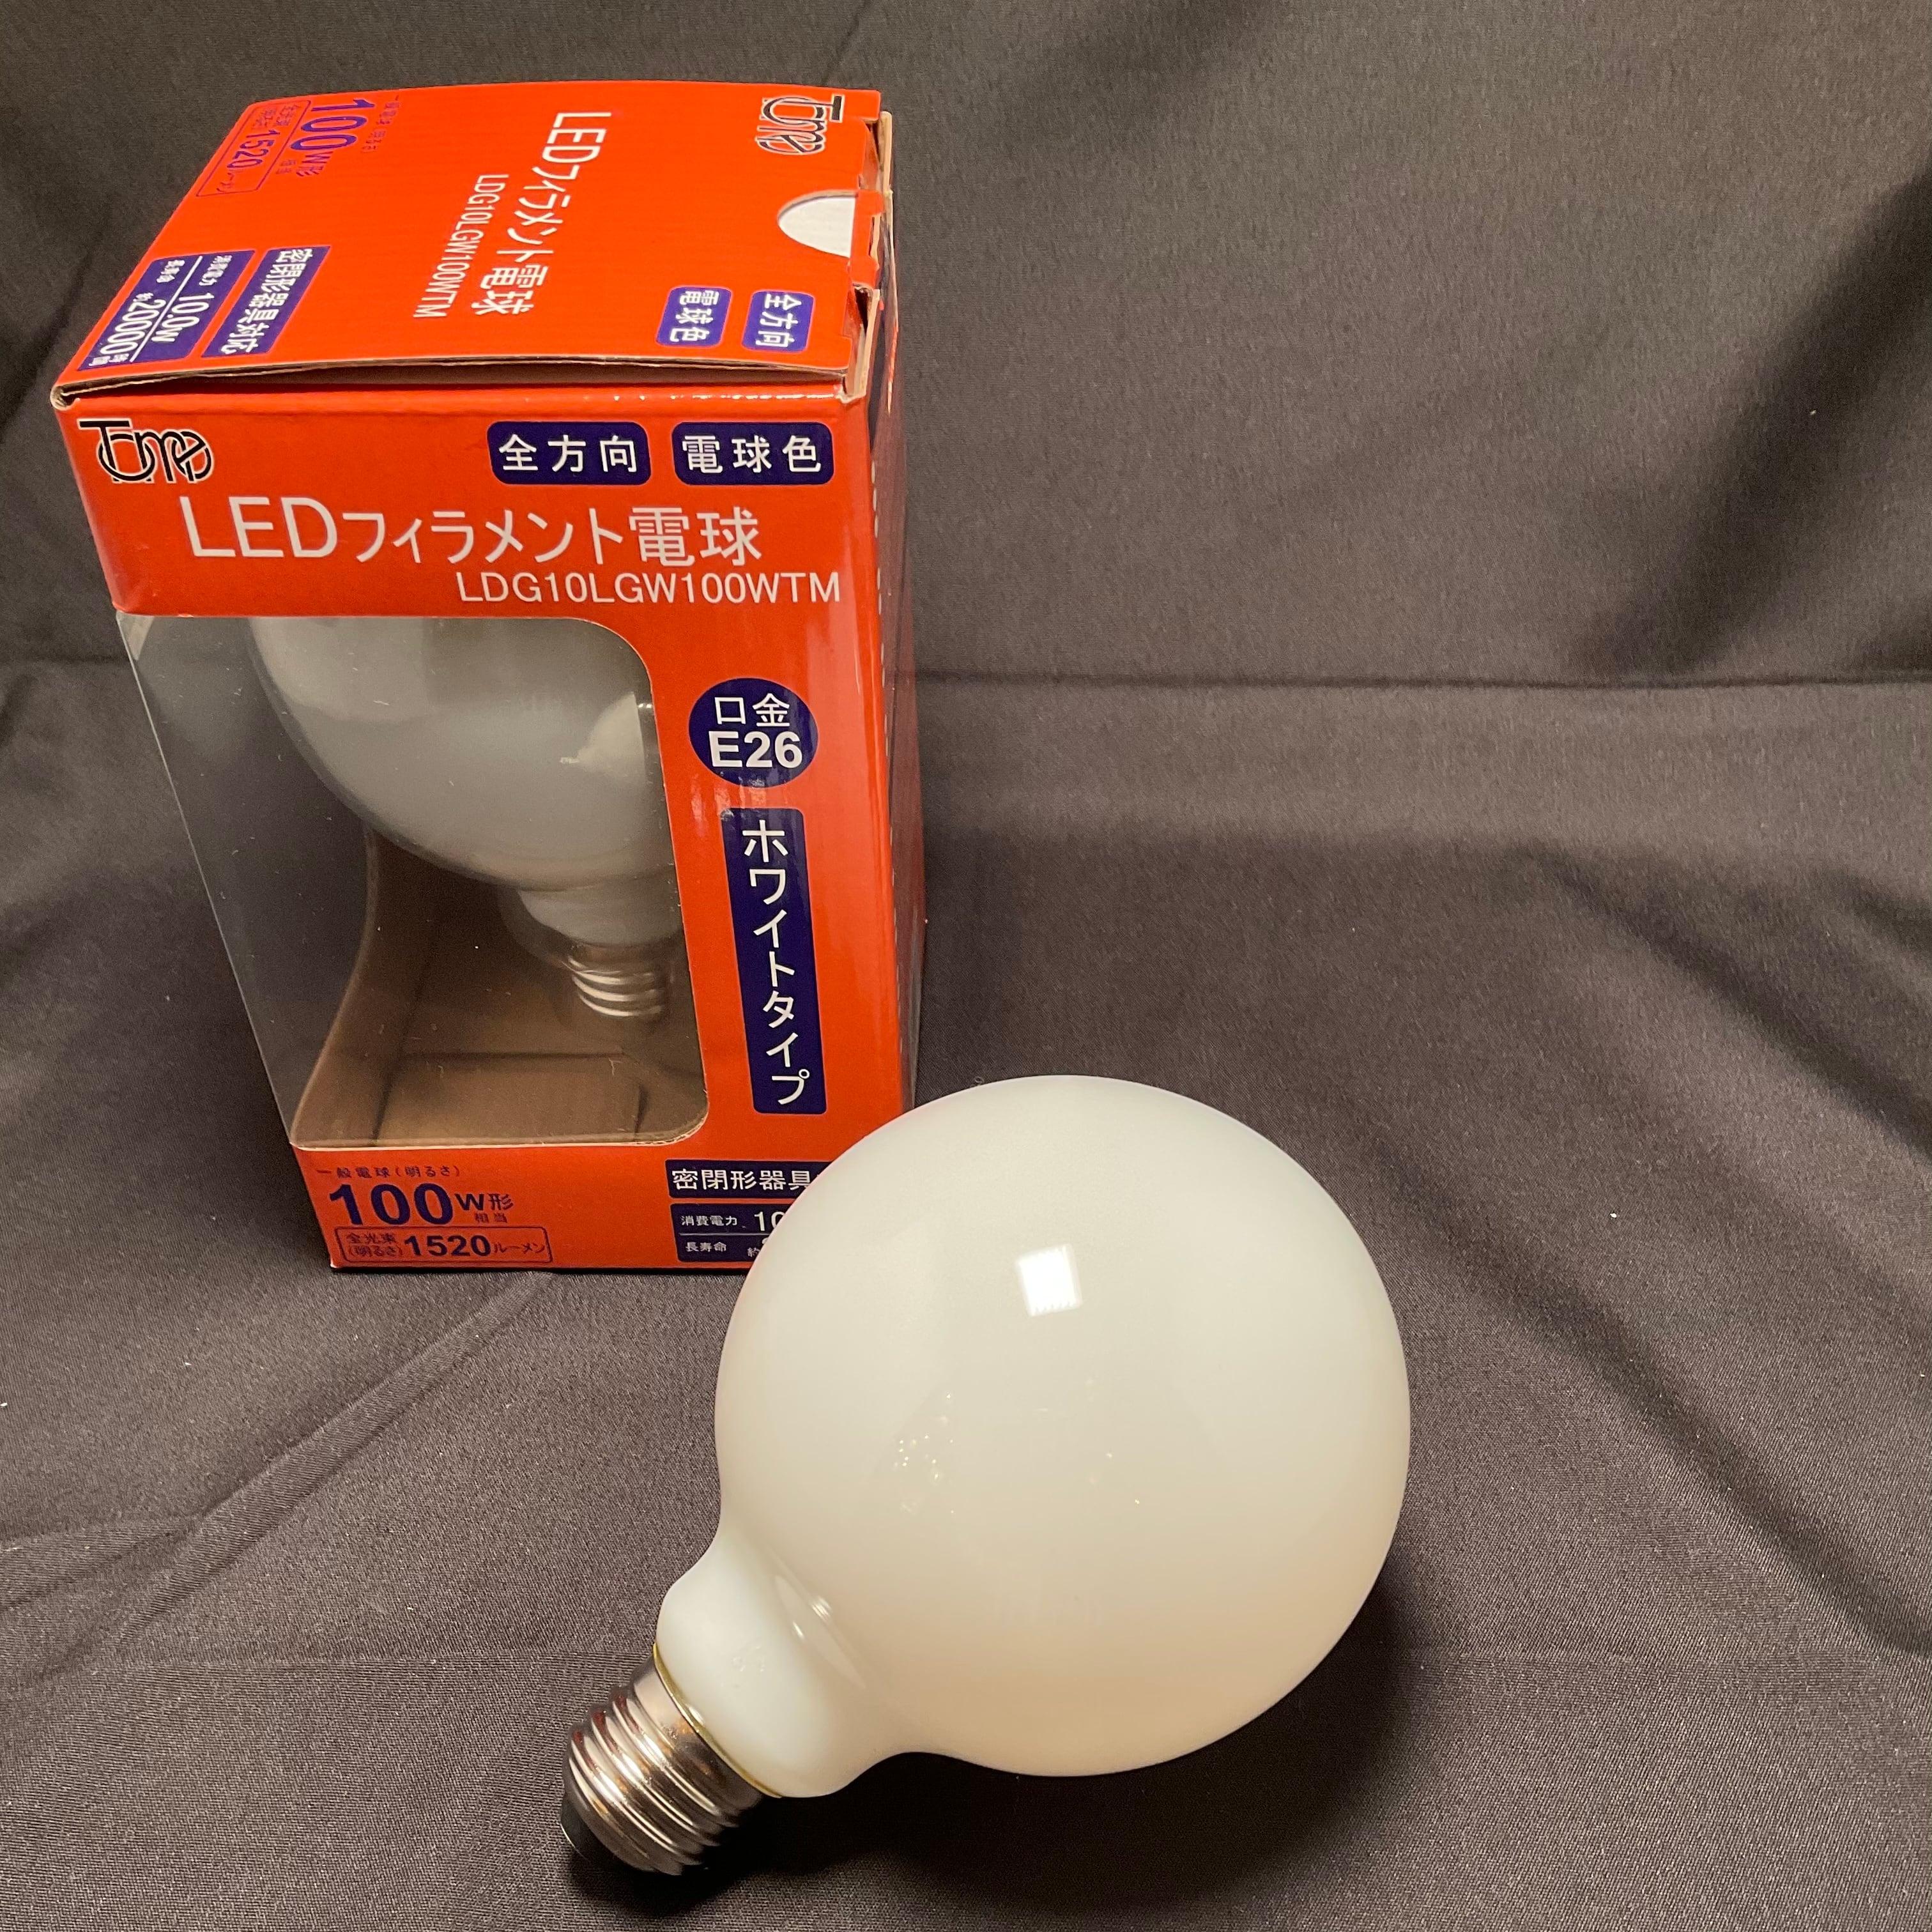 E26 100W相当 ボール球・フィラメント型 ホワイトタイプ(LED電球)